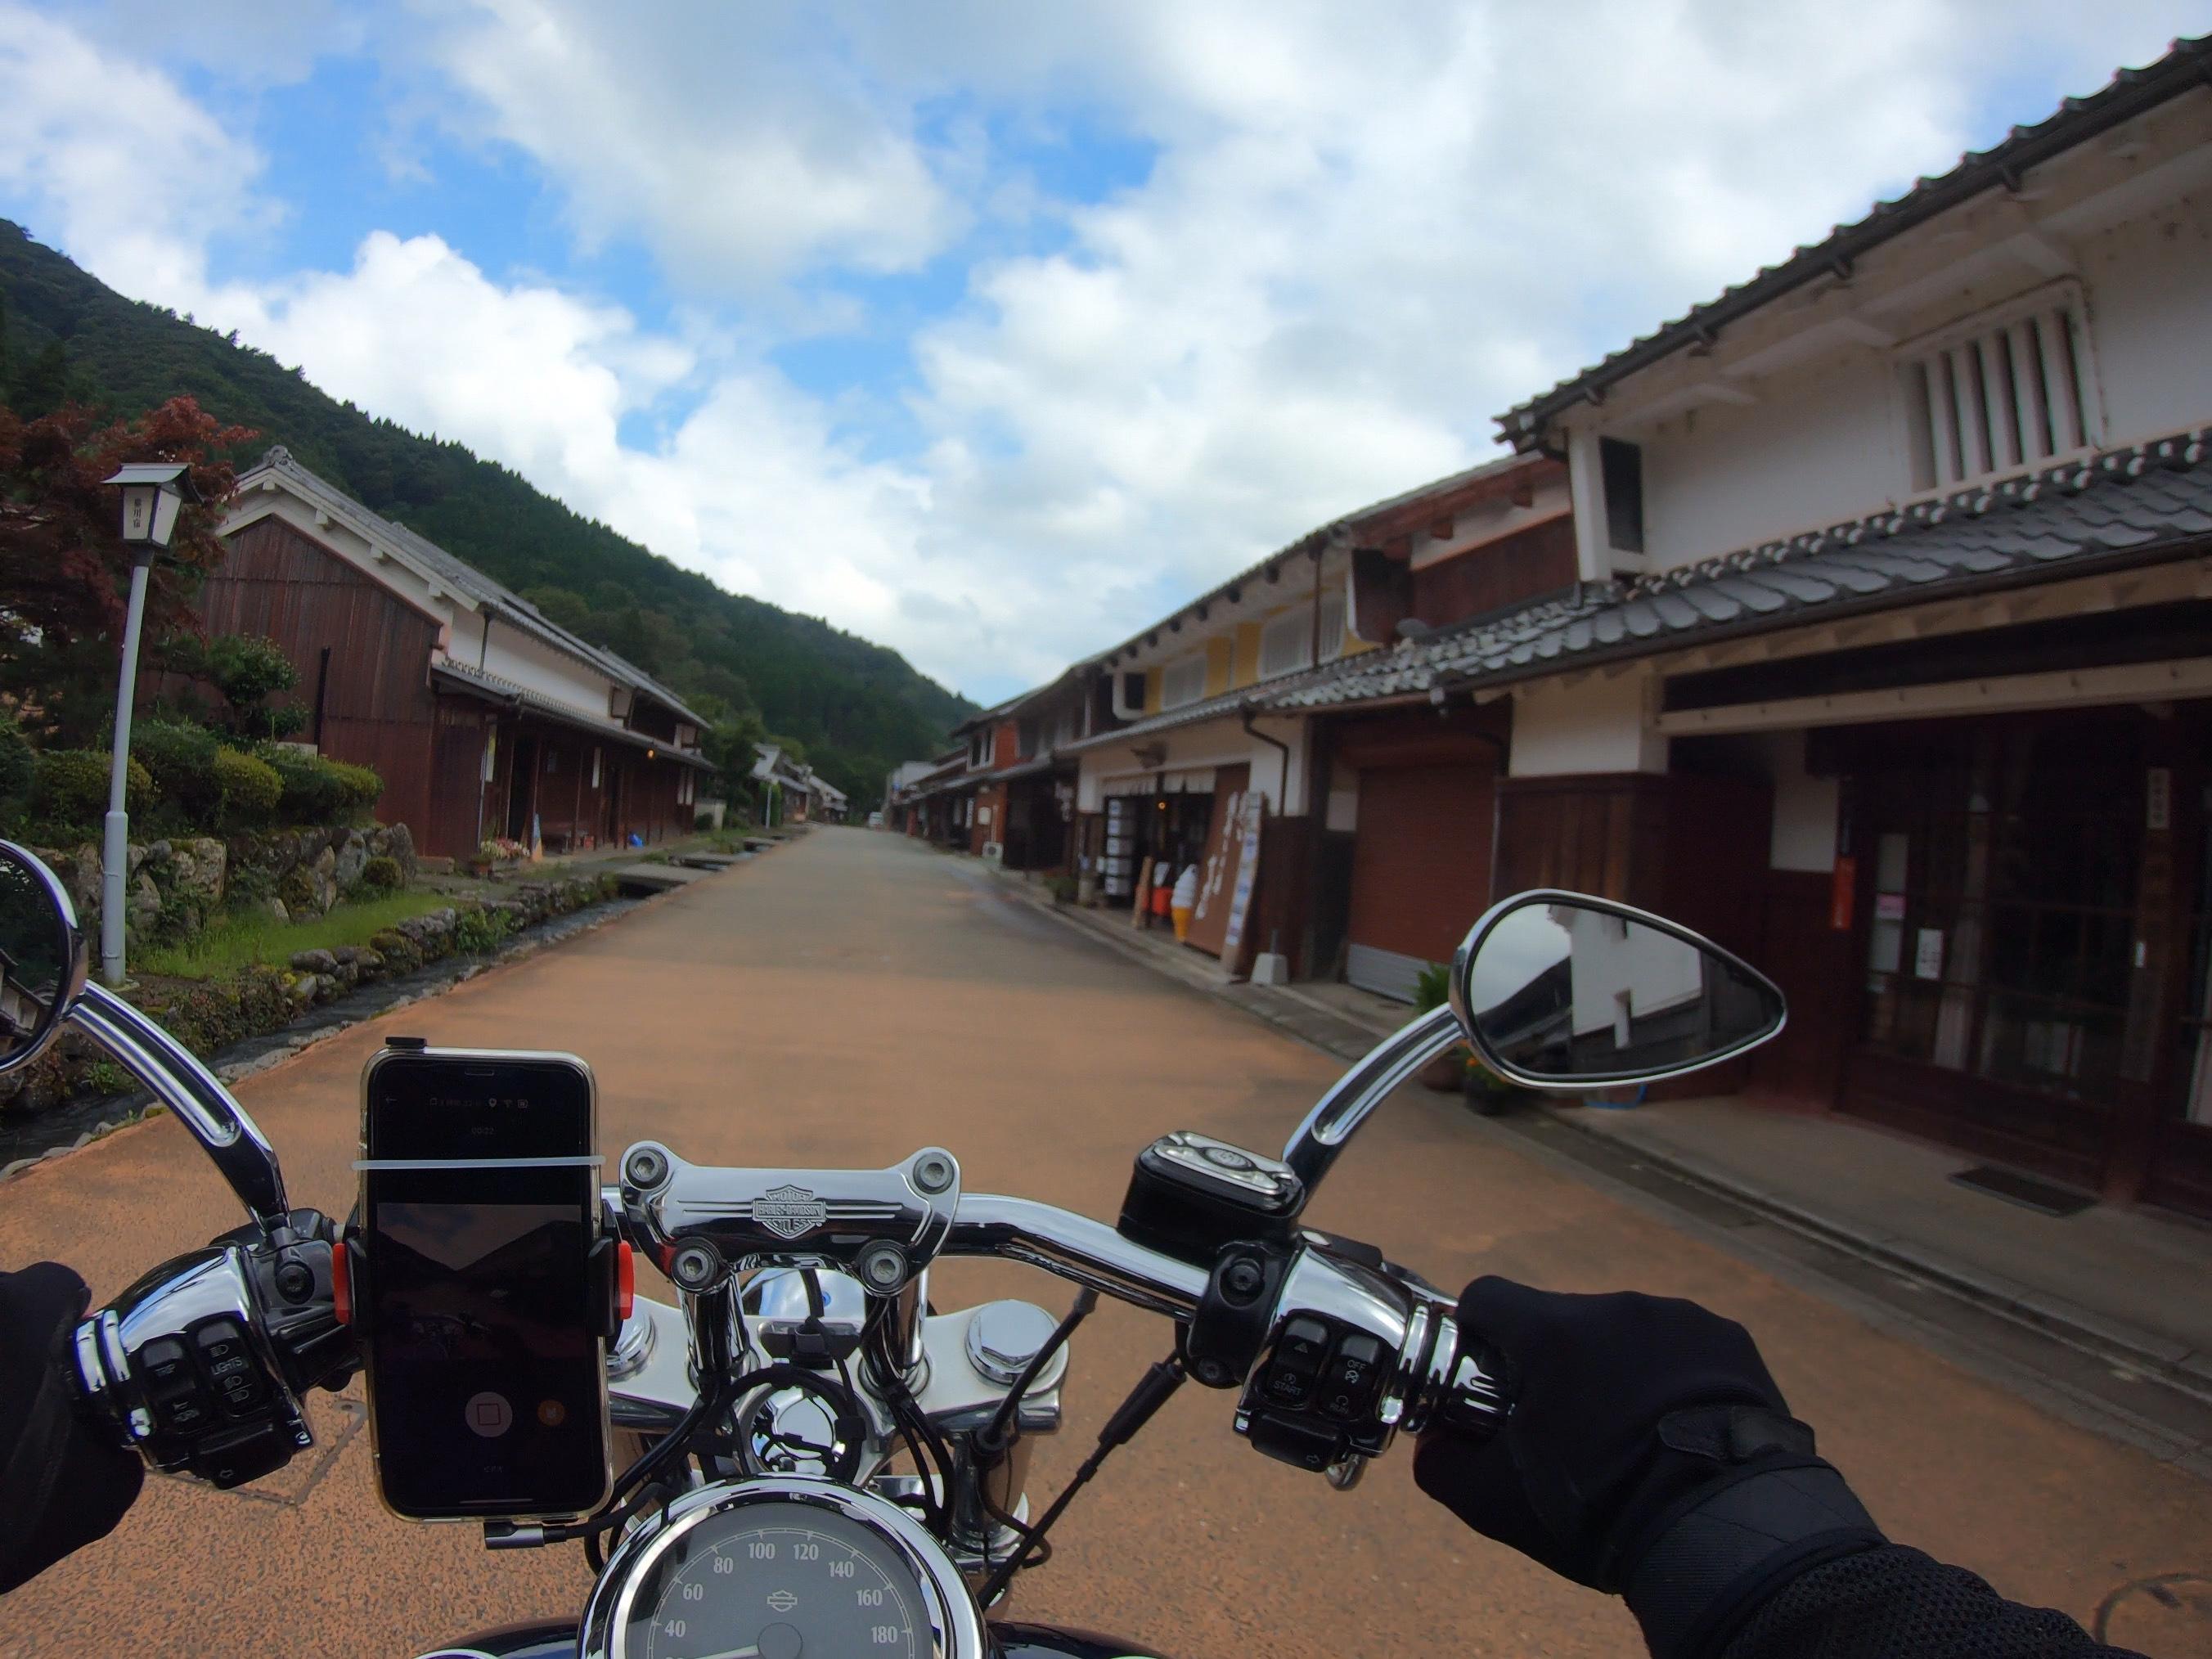 ぴーきちハーレーブログ 福井三方五湖ツーリング 熊川宿 古い町並み